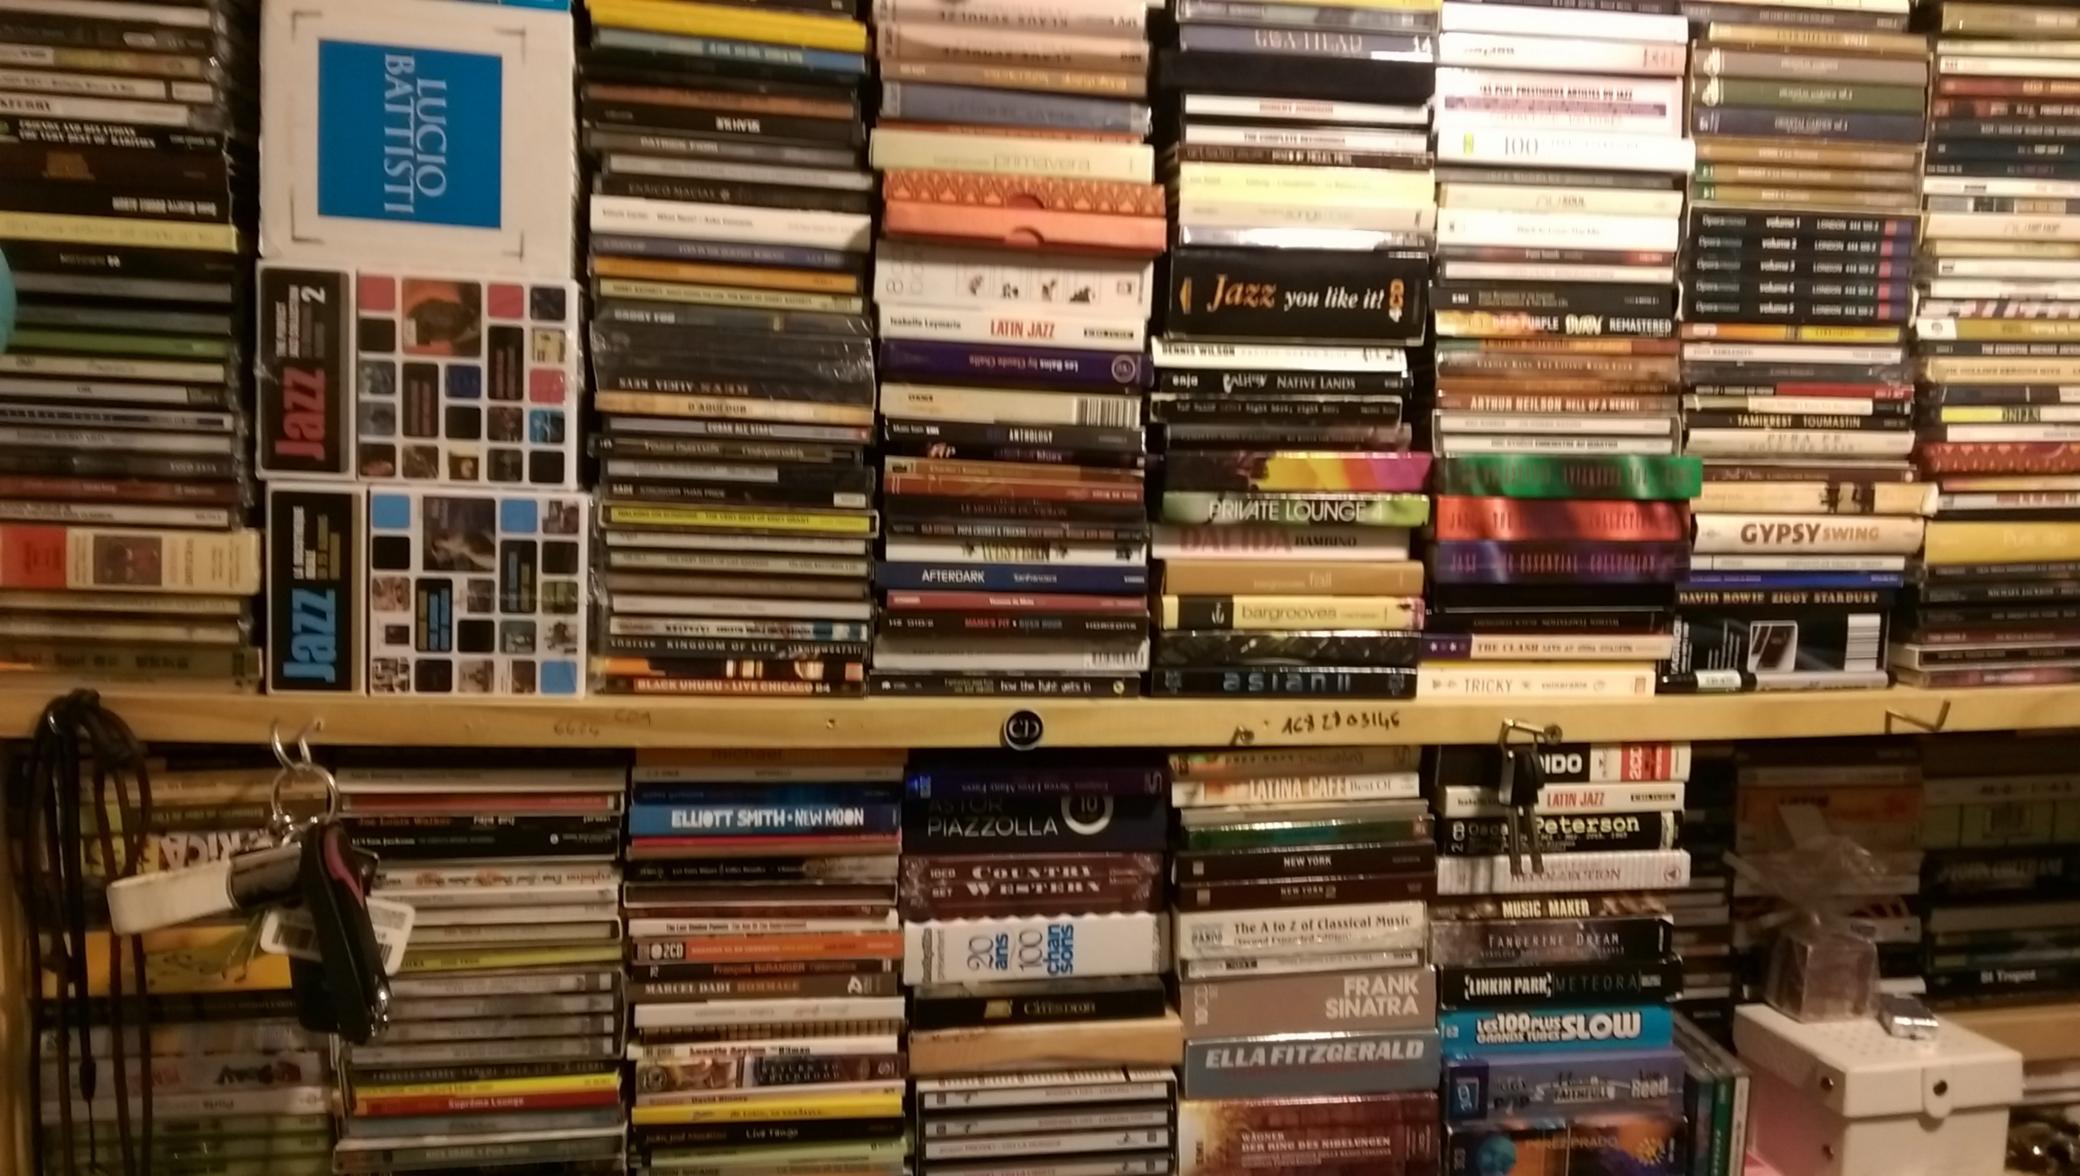 7 achat et vente de CD/DVD/VINYLES etc achat-vente CD/DVD/BD/Vinyles achat et vente de CD/DVD/VINYLES etc